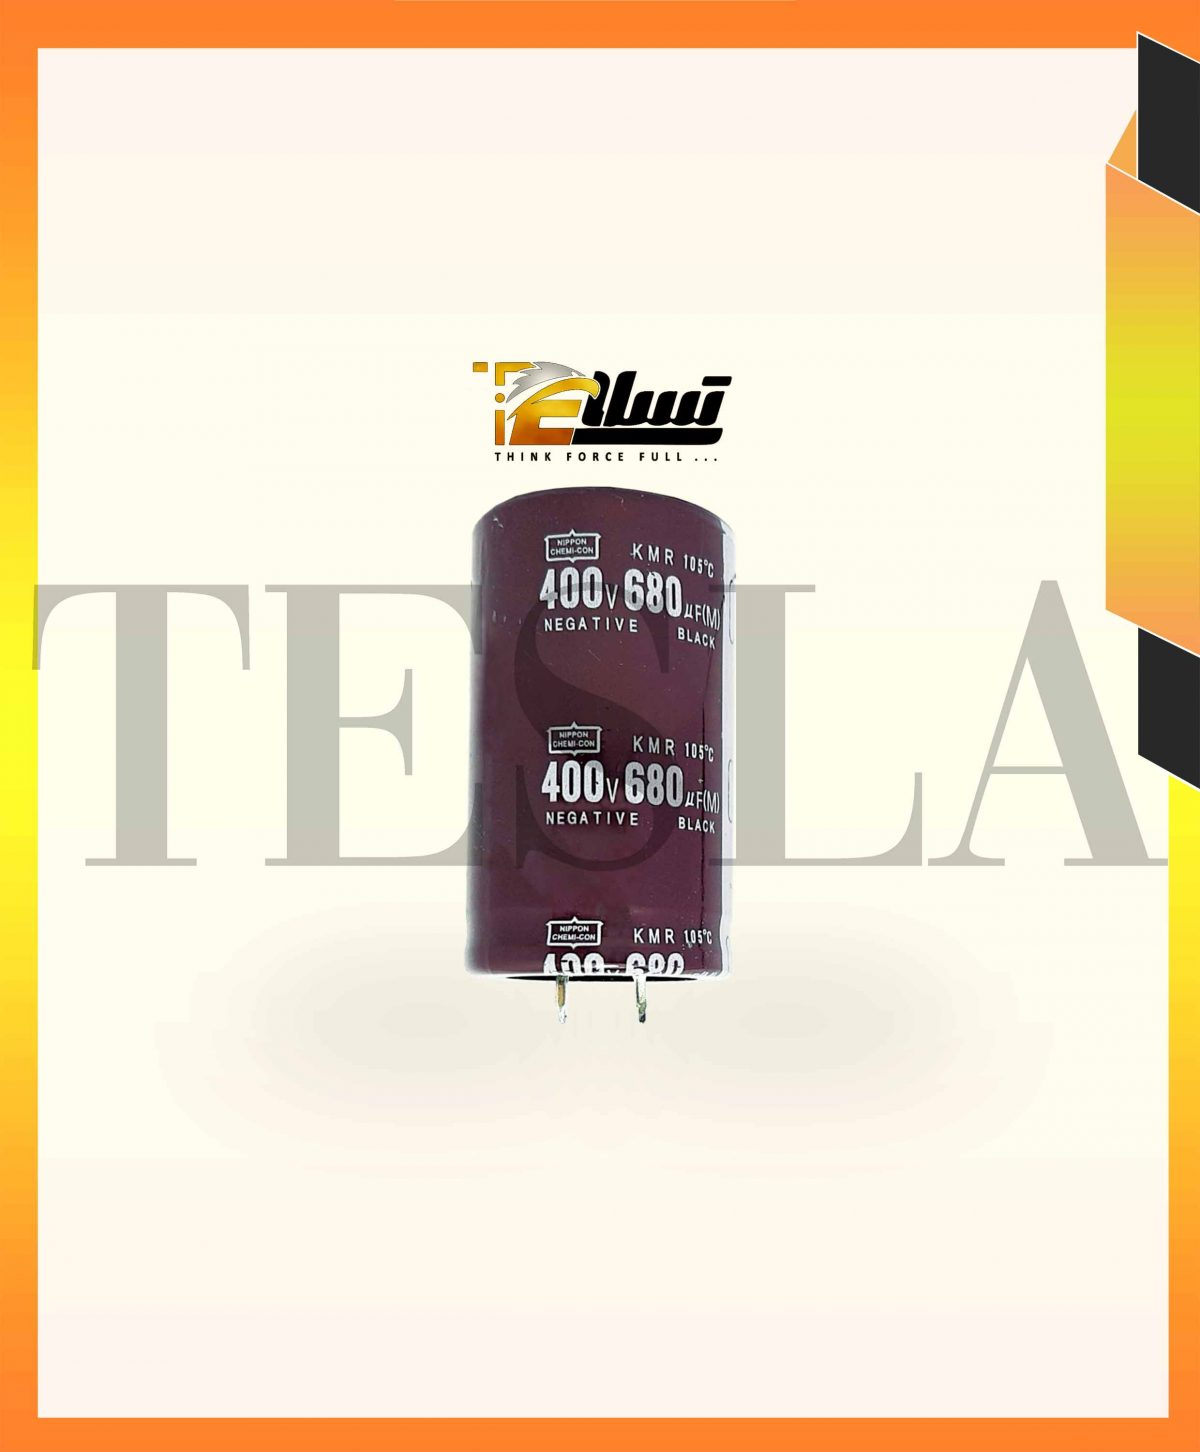 خازن 400 ولت 680 میکروفاراد